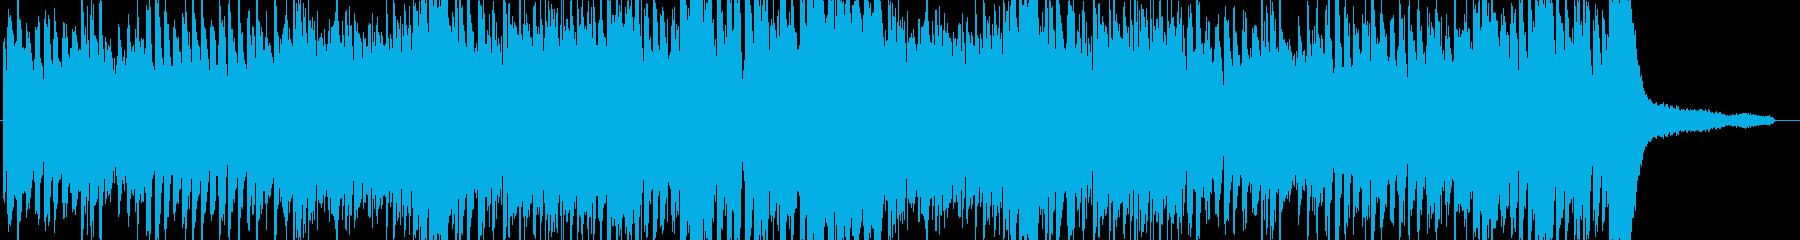 爽やか・ピアノ・映像・イベント用の再生済みの波形